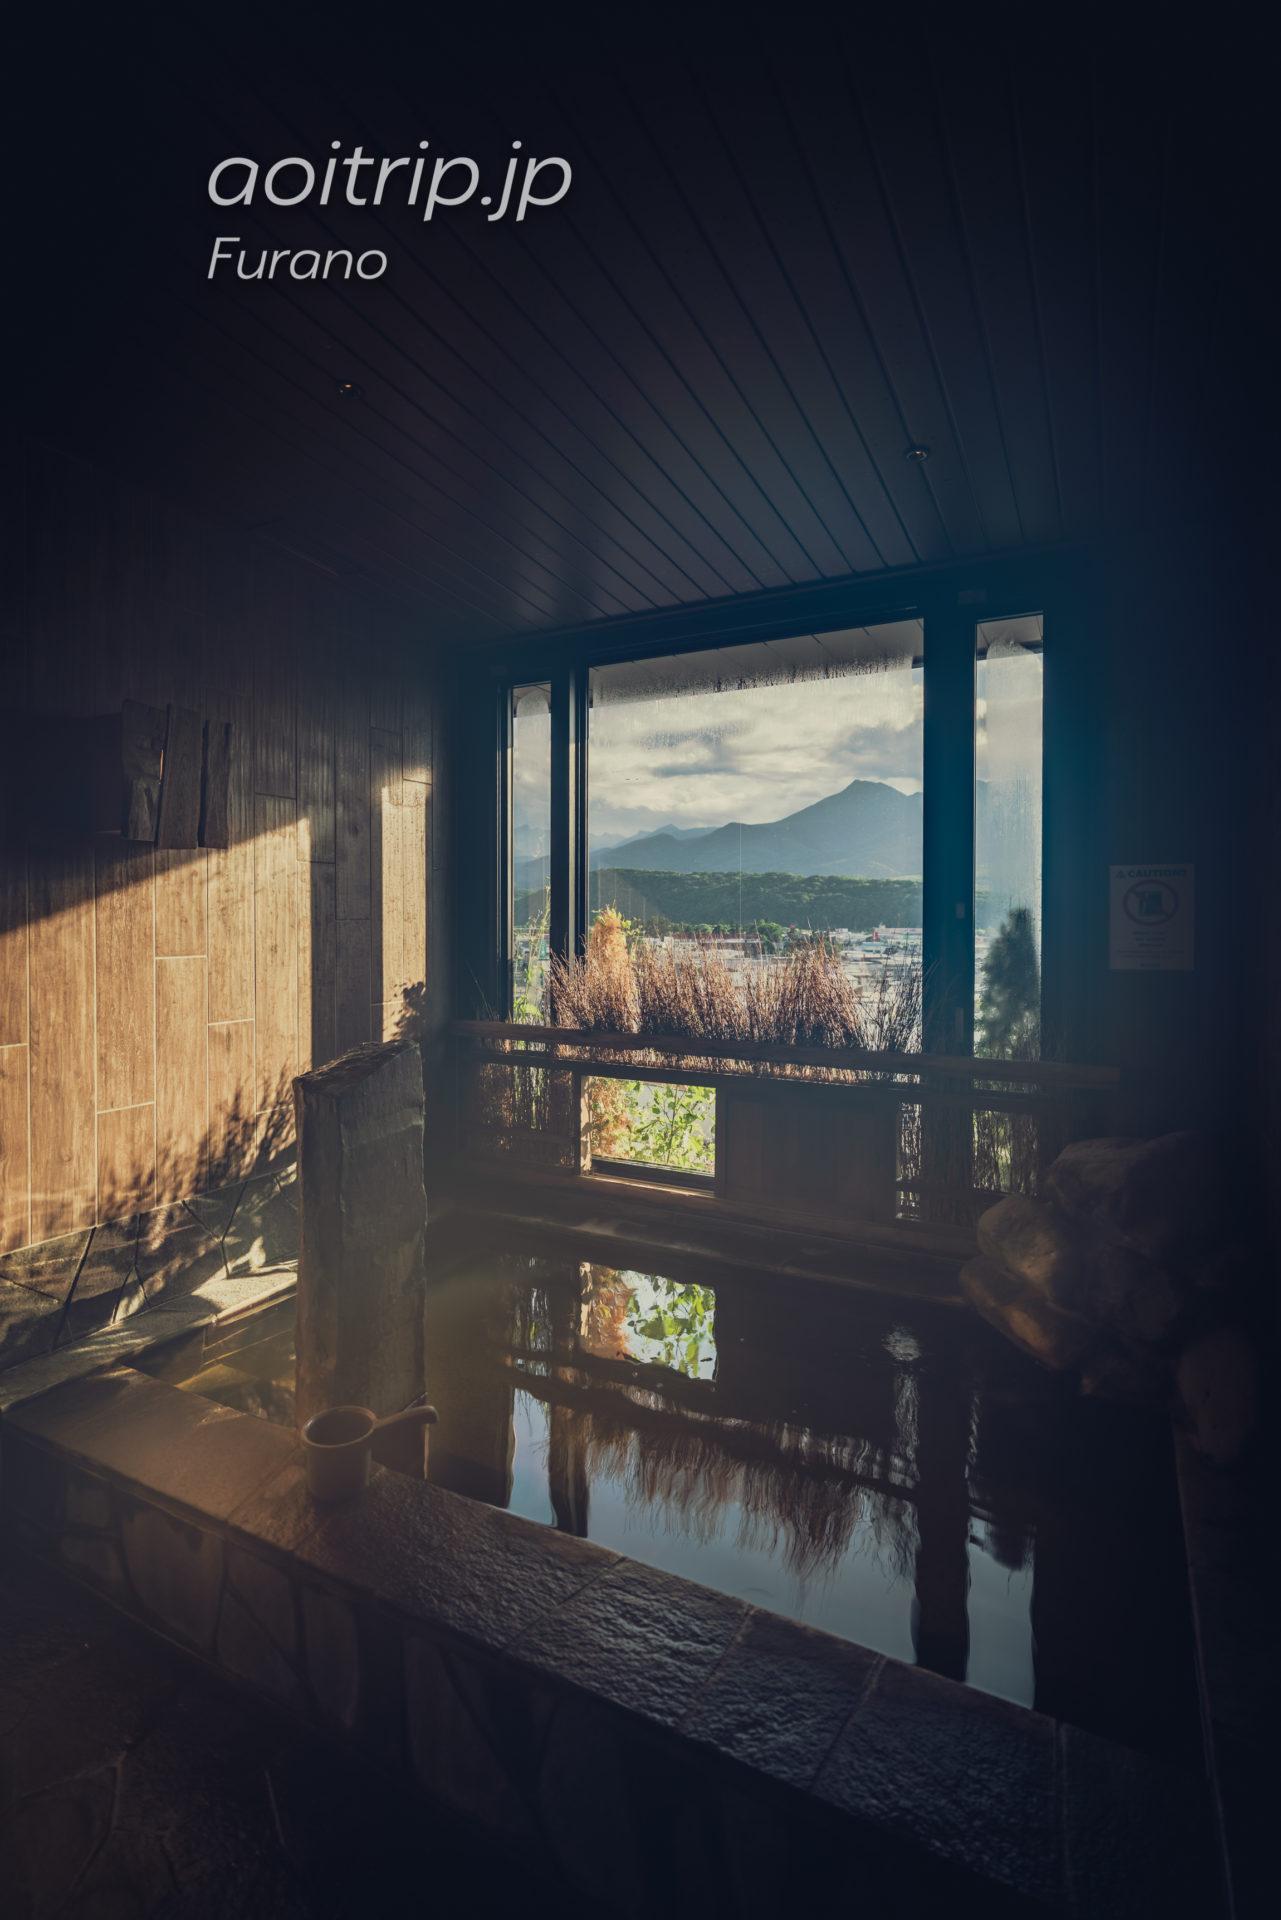 天然温泉 紫雲の湯 ラビスタ富良野ヒルズの温泉 芦別